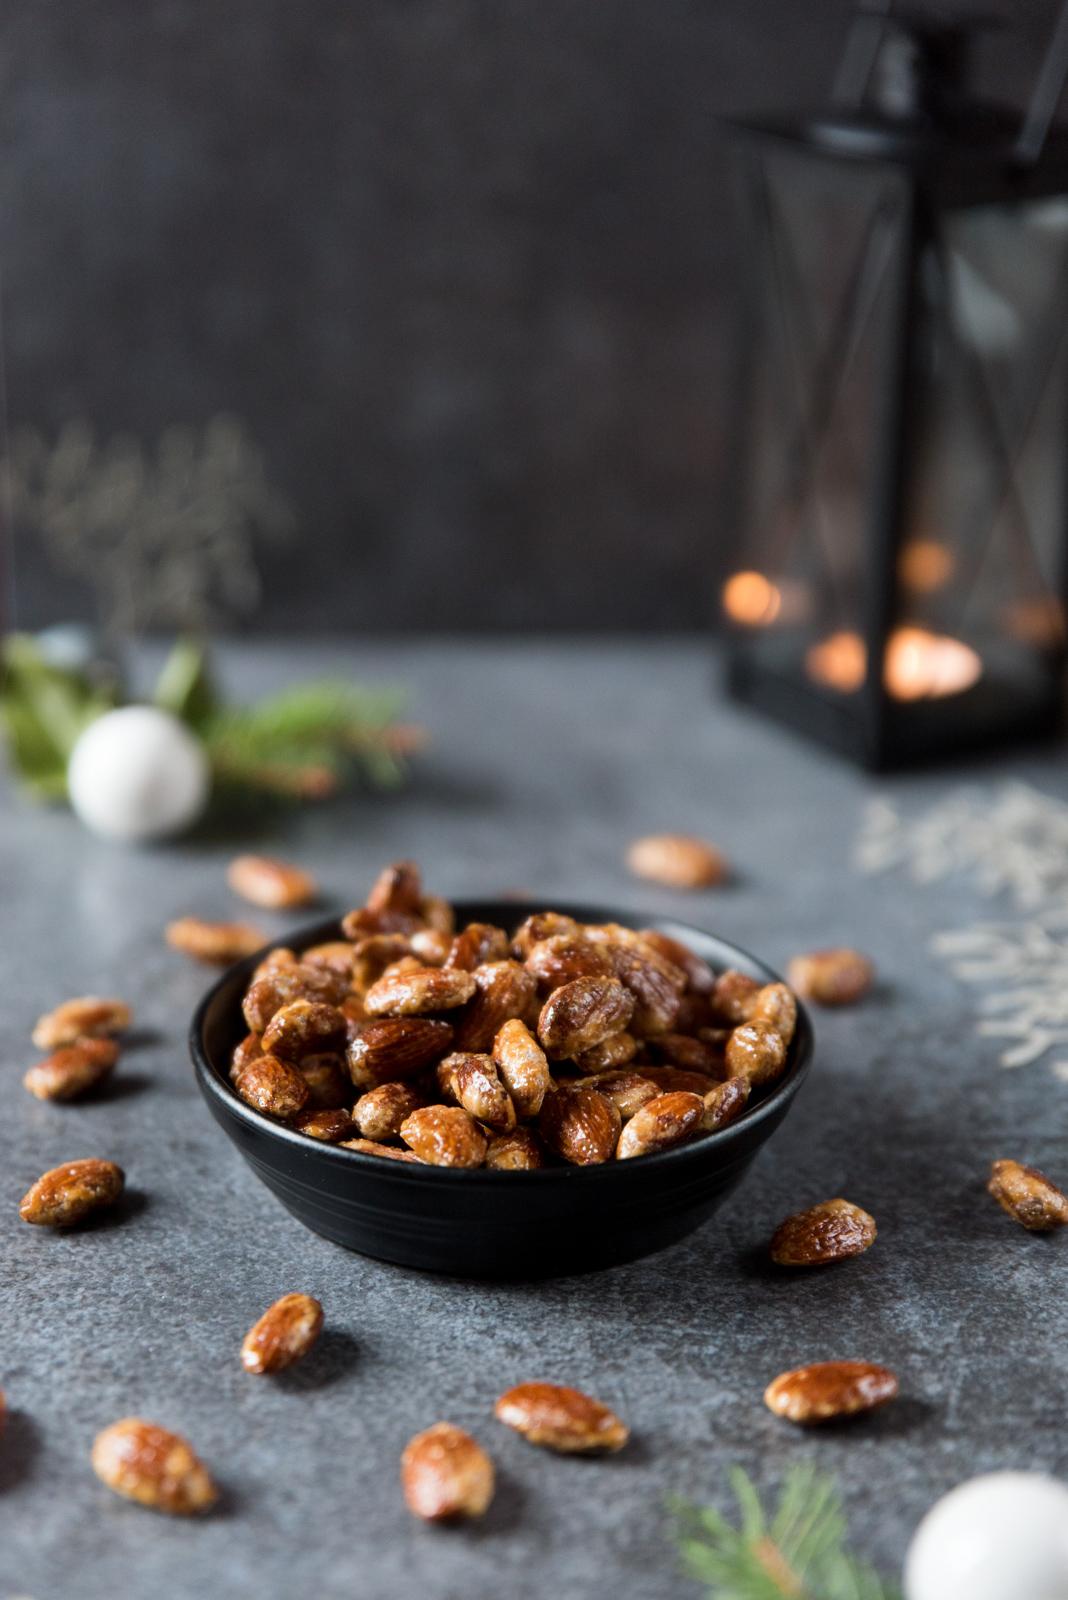 Pralines (amandes grillées et caramélisées)